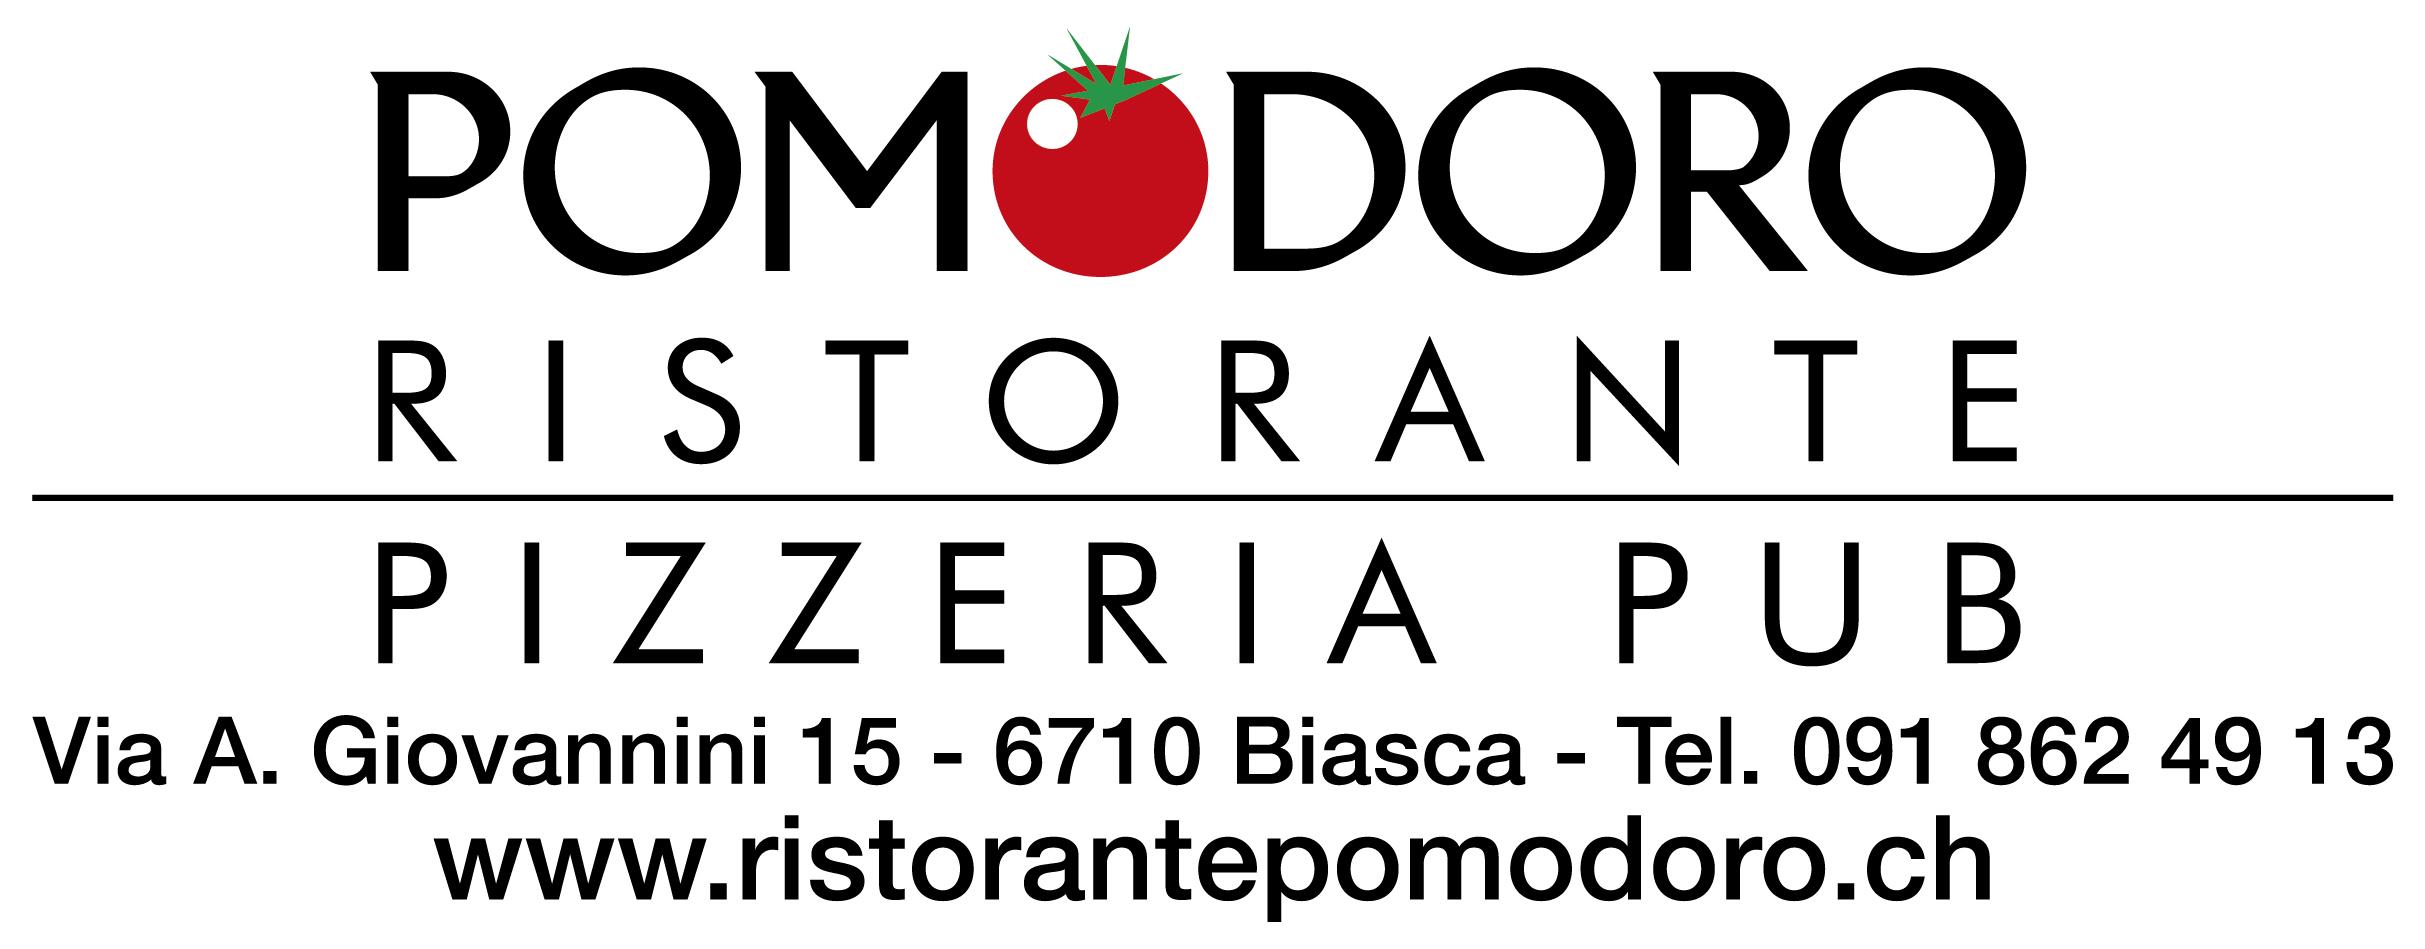 Banner Pomodoro